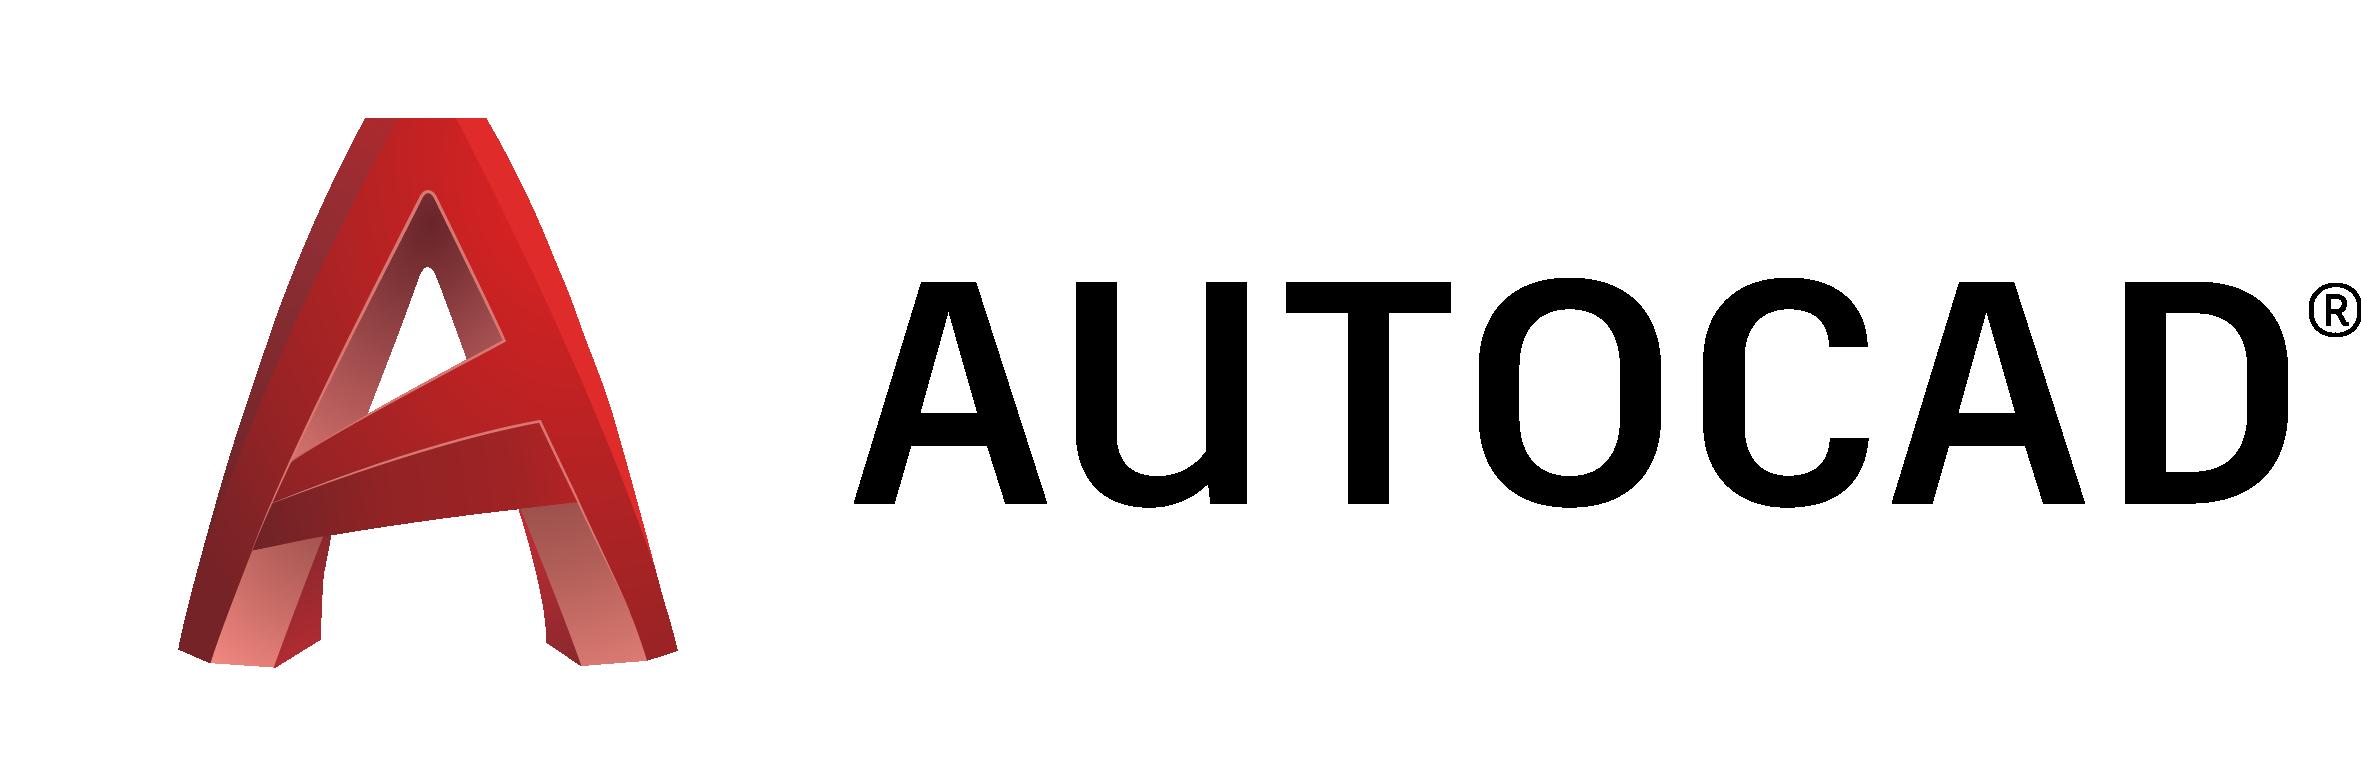 estae-visualisation-software